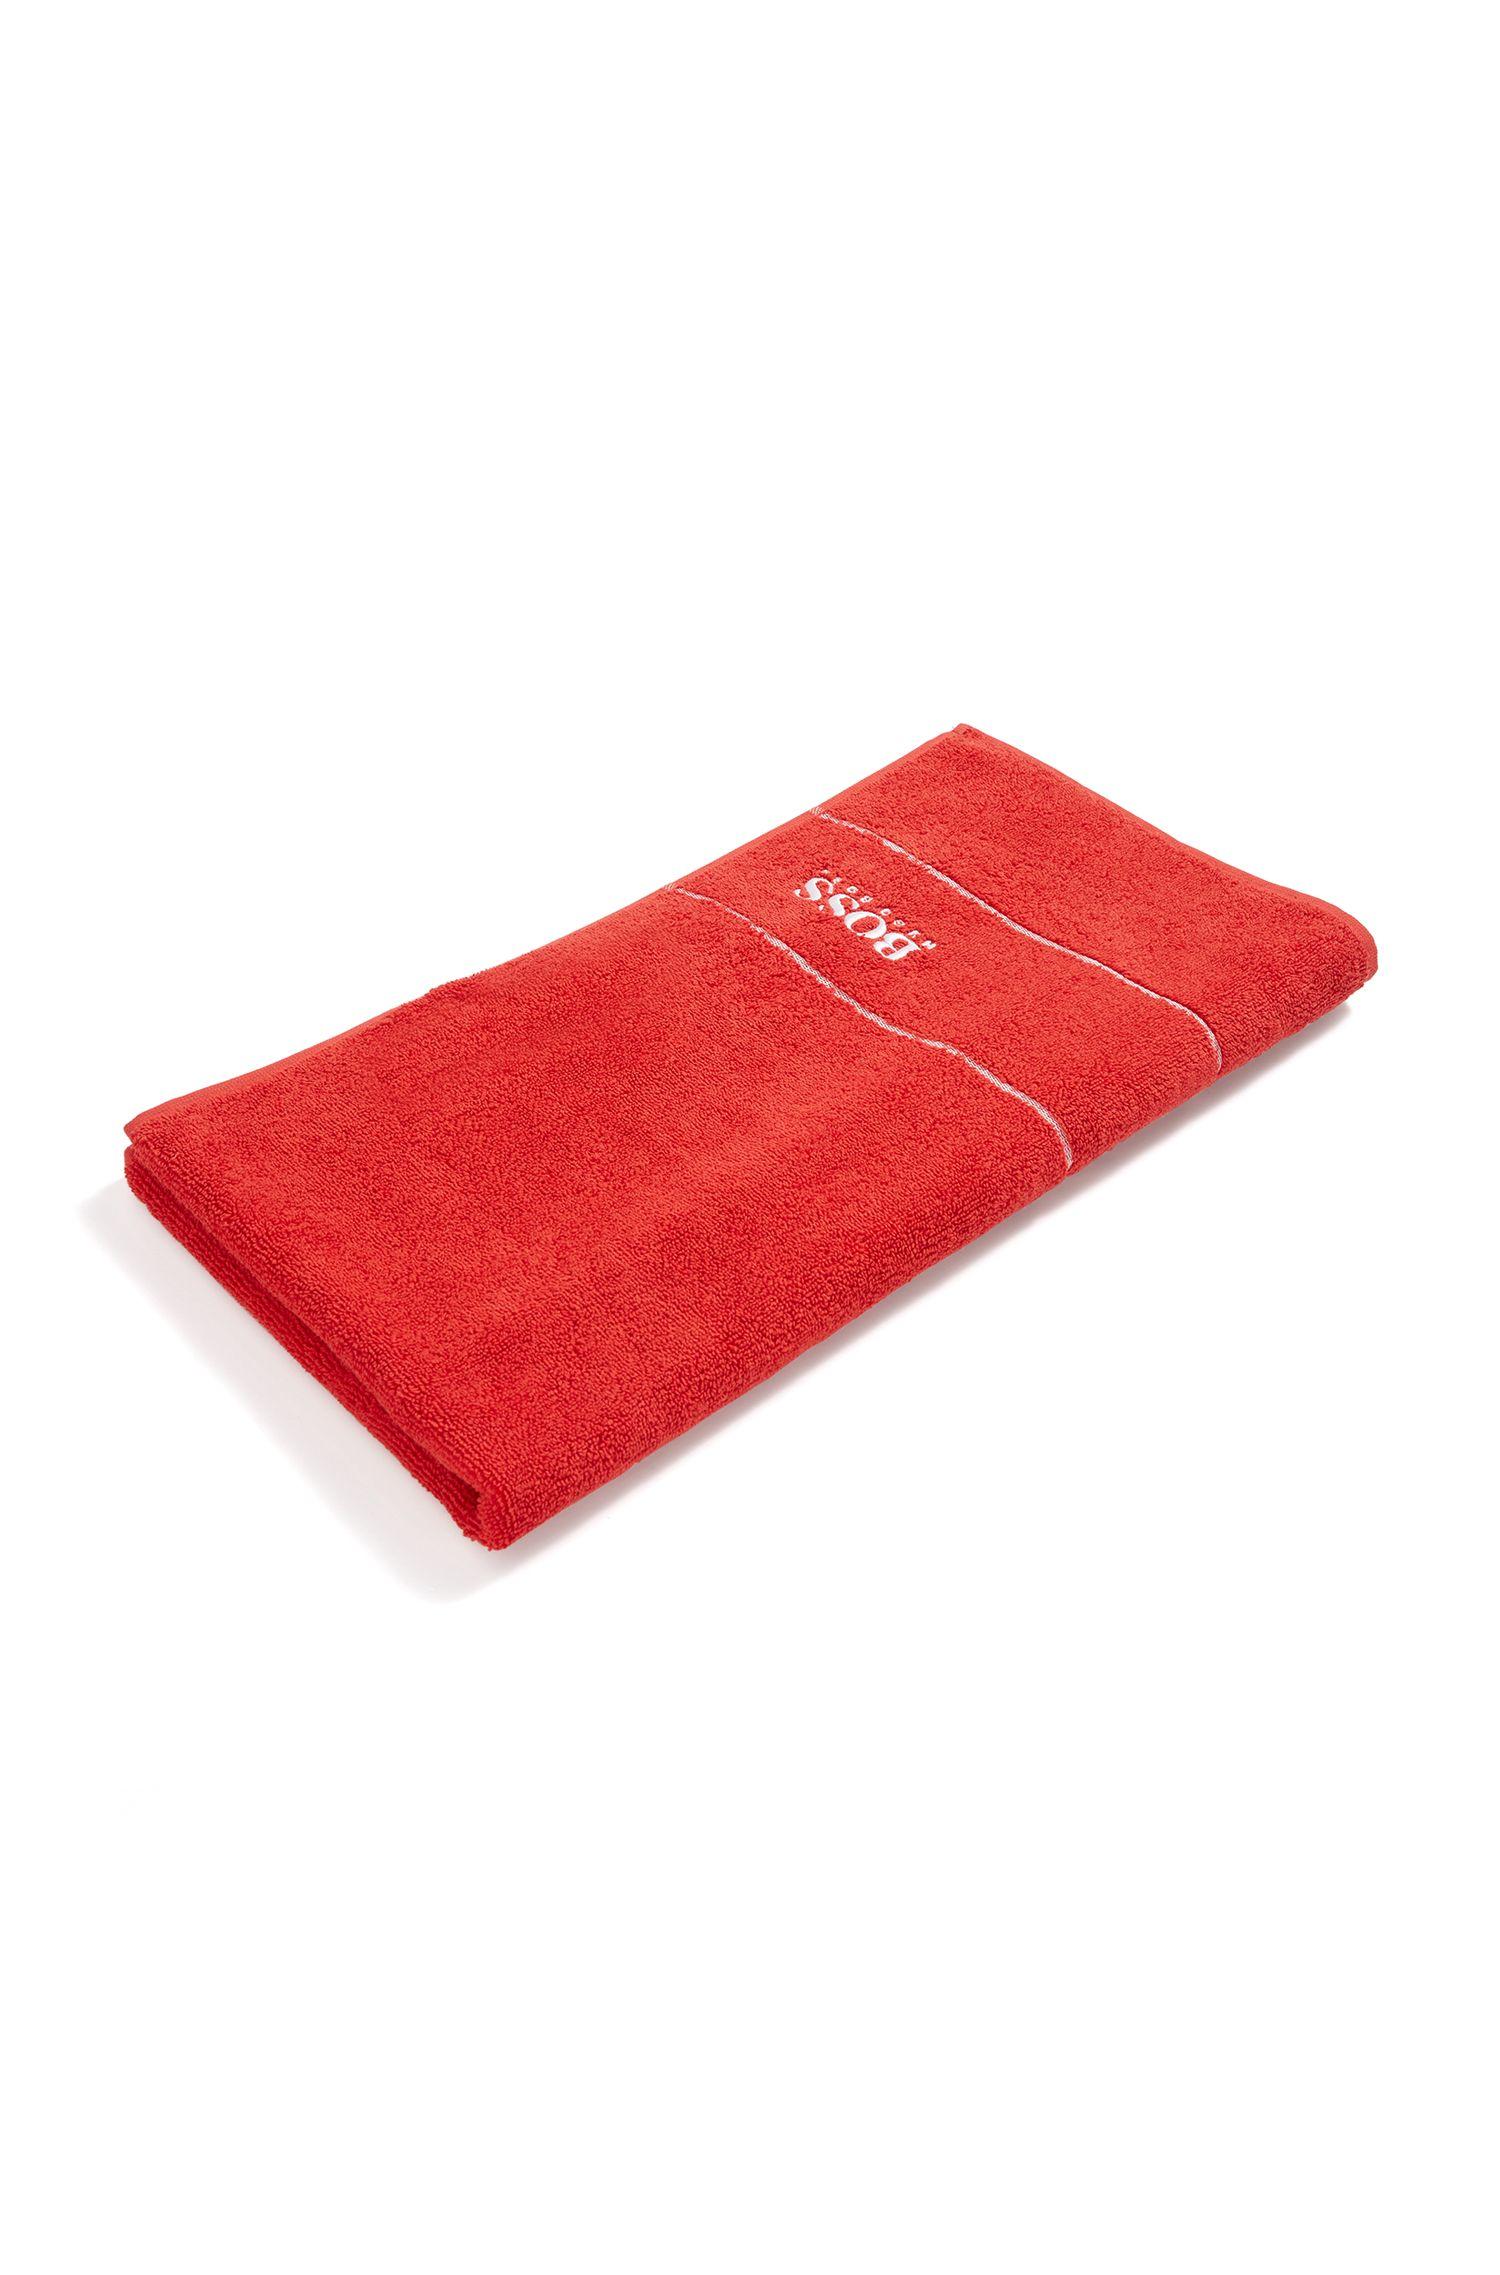 Handtuch aus feinster ägyptischer Baumwolle mit Logo-Bordüre, Rot